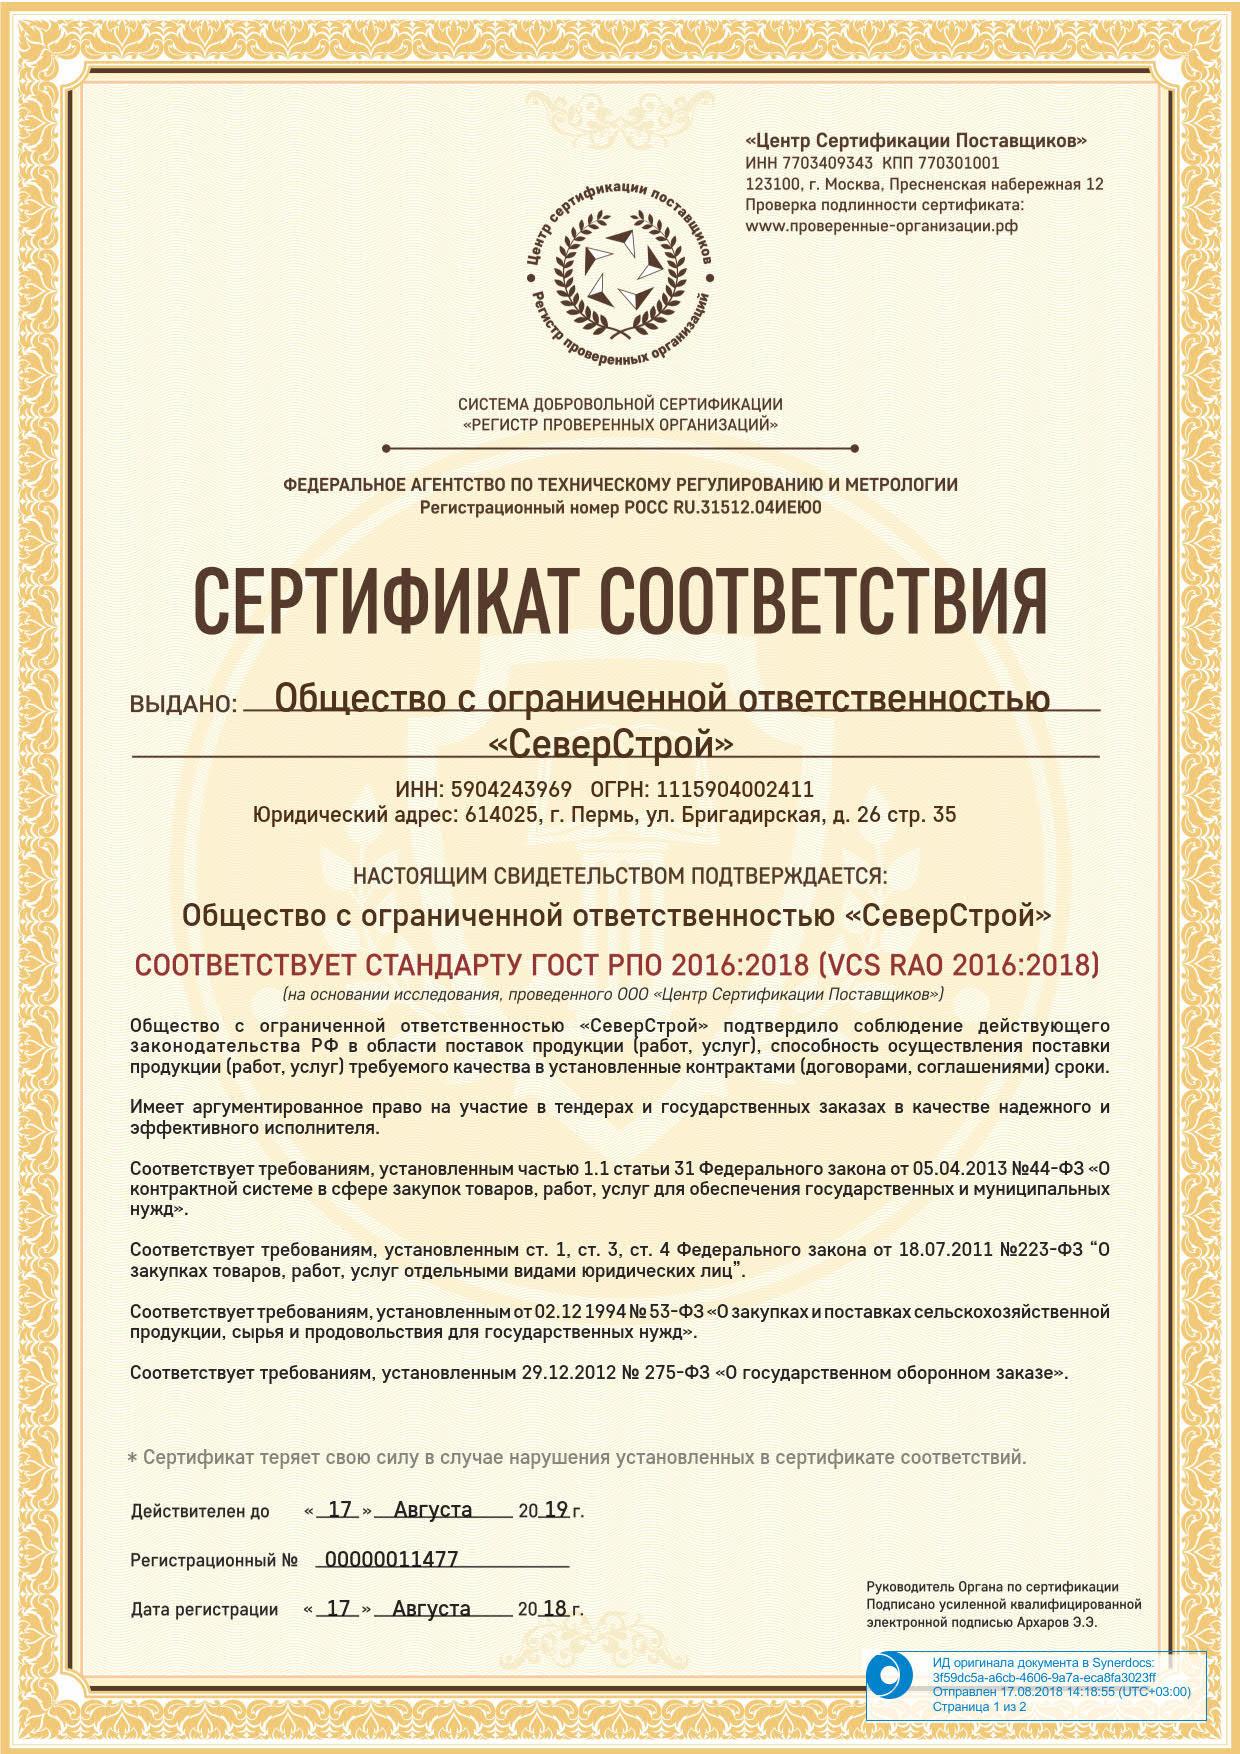 СеверСтрой Регистр Проверенных Организаций лист 1